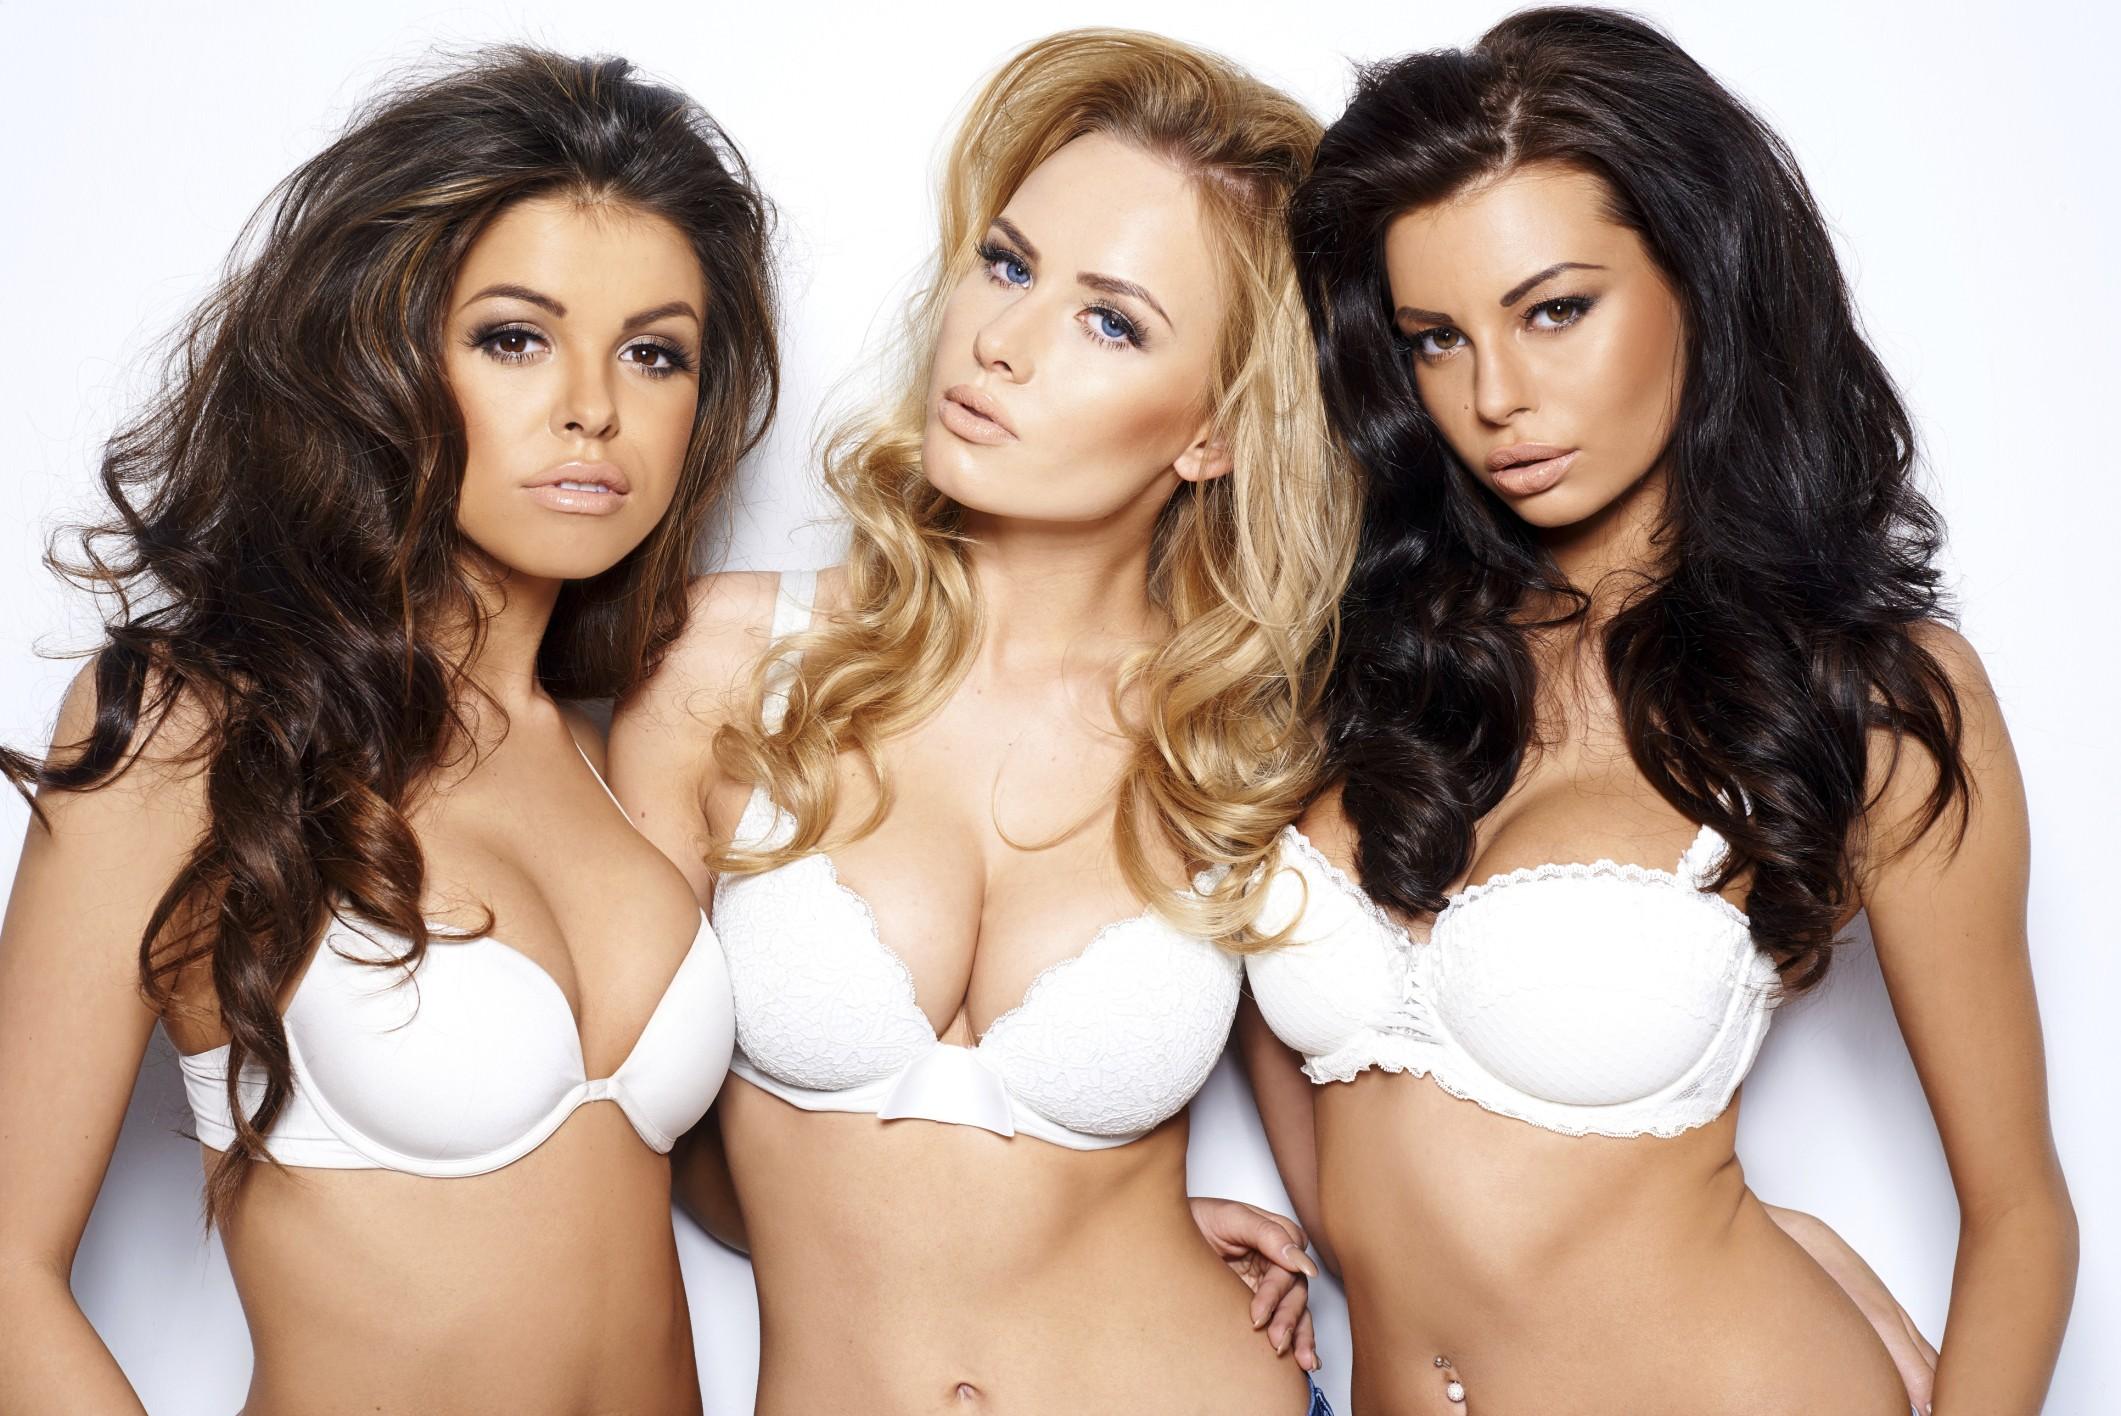 Sexy e funcional: top 10 dicas indispensáveis para encontrar a lingerie ideal